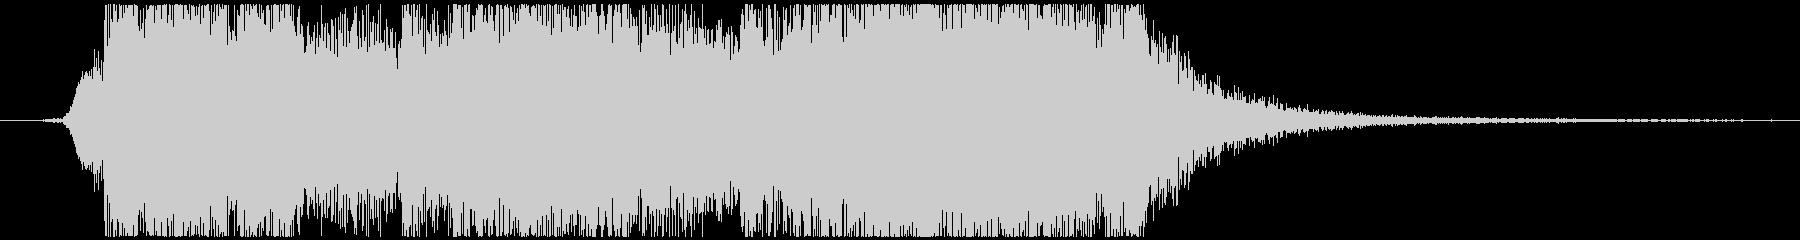 壮大でかっこいいオケファンファーレの未再生の波形